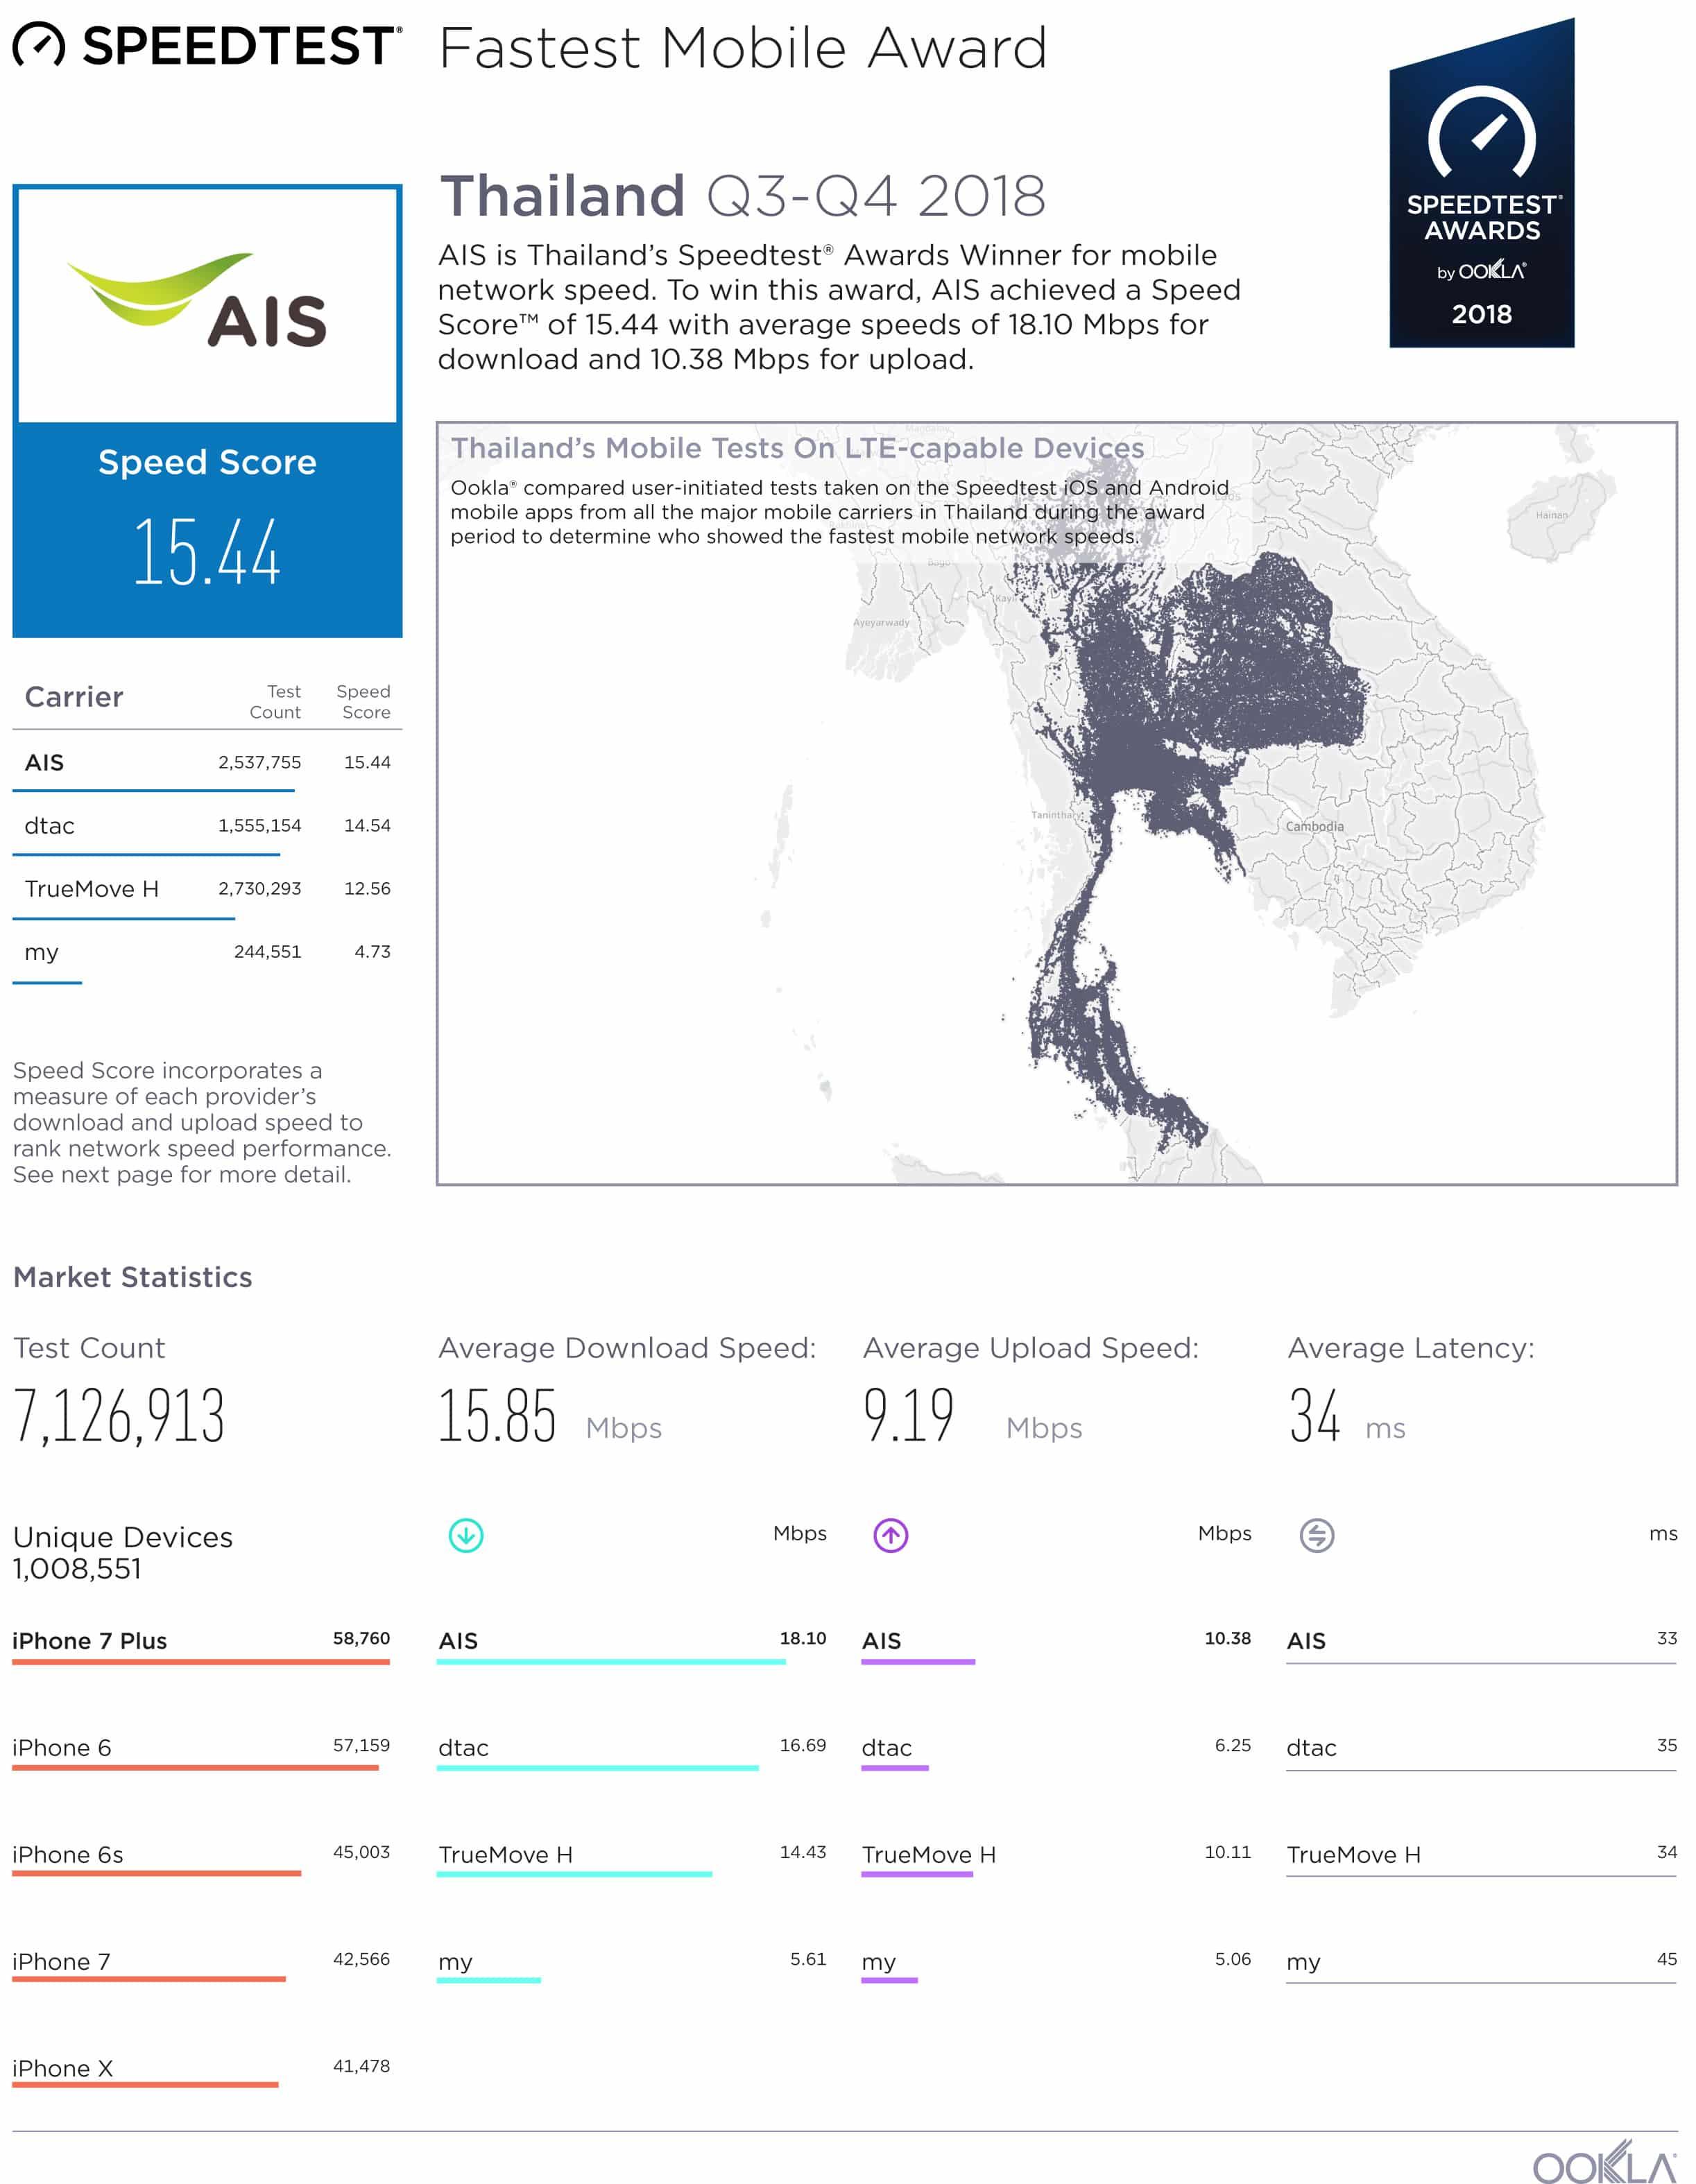 03  Report 2018 Thailand AIS Mobile Q3Q4 1 - Ookla Speedtest เผยครึ่งปีหลังของปี 2018 AIS เป็นอันดับ 1 เครือข่ายมือถือที่เร็วที่สุดในประเทศไทย 4 ปีซ้อน